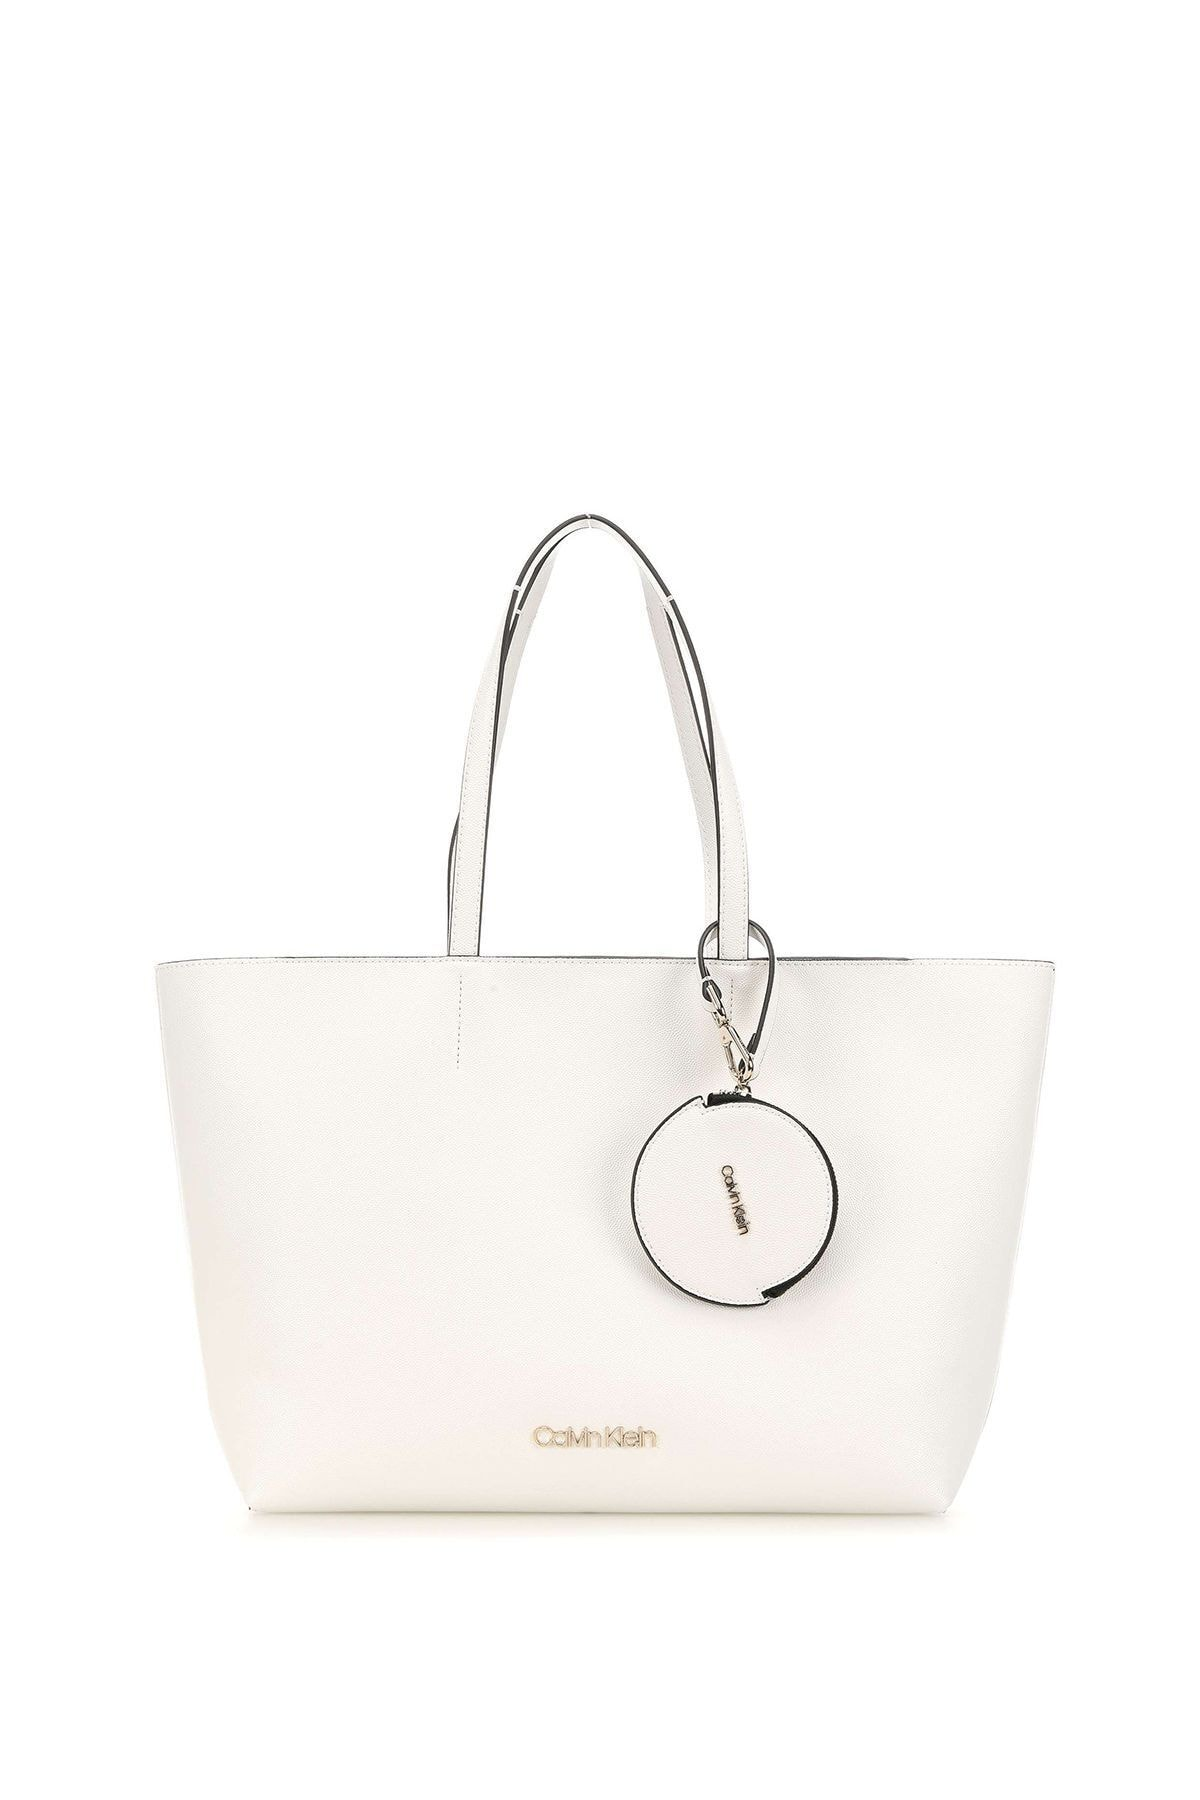 Calvin Klein Kadın Must Shopper Md Cav Kadın Kol Çantası K60k606649 1